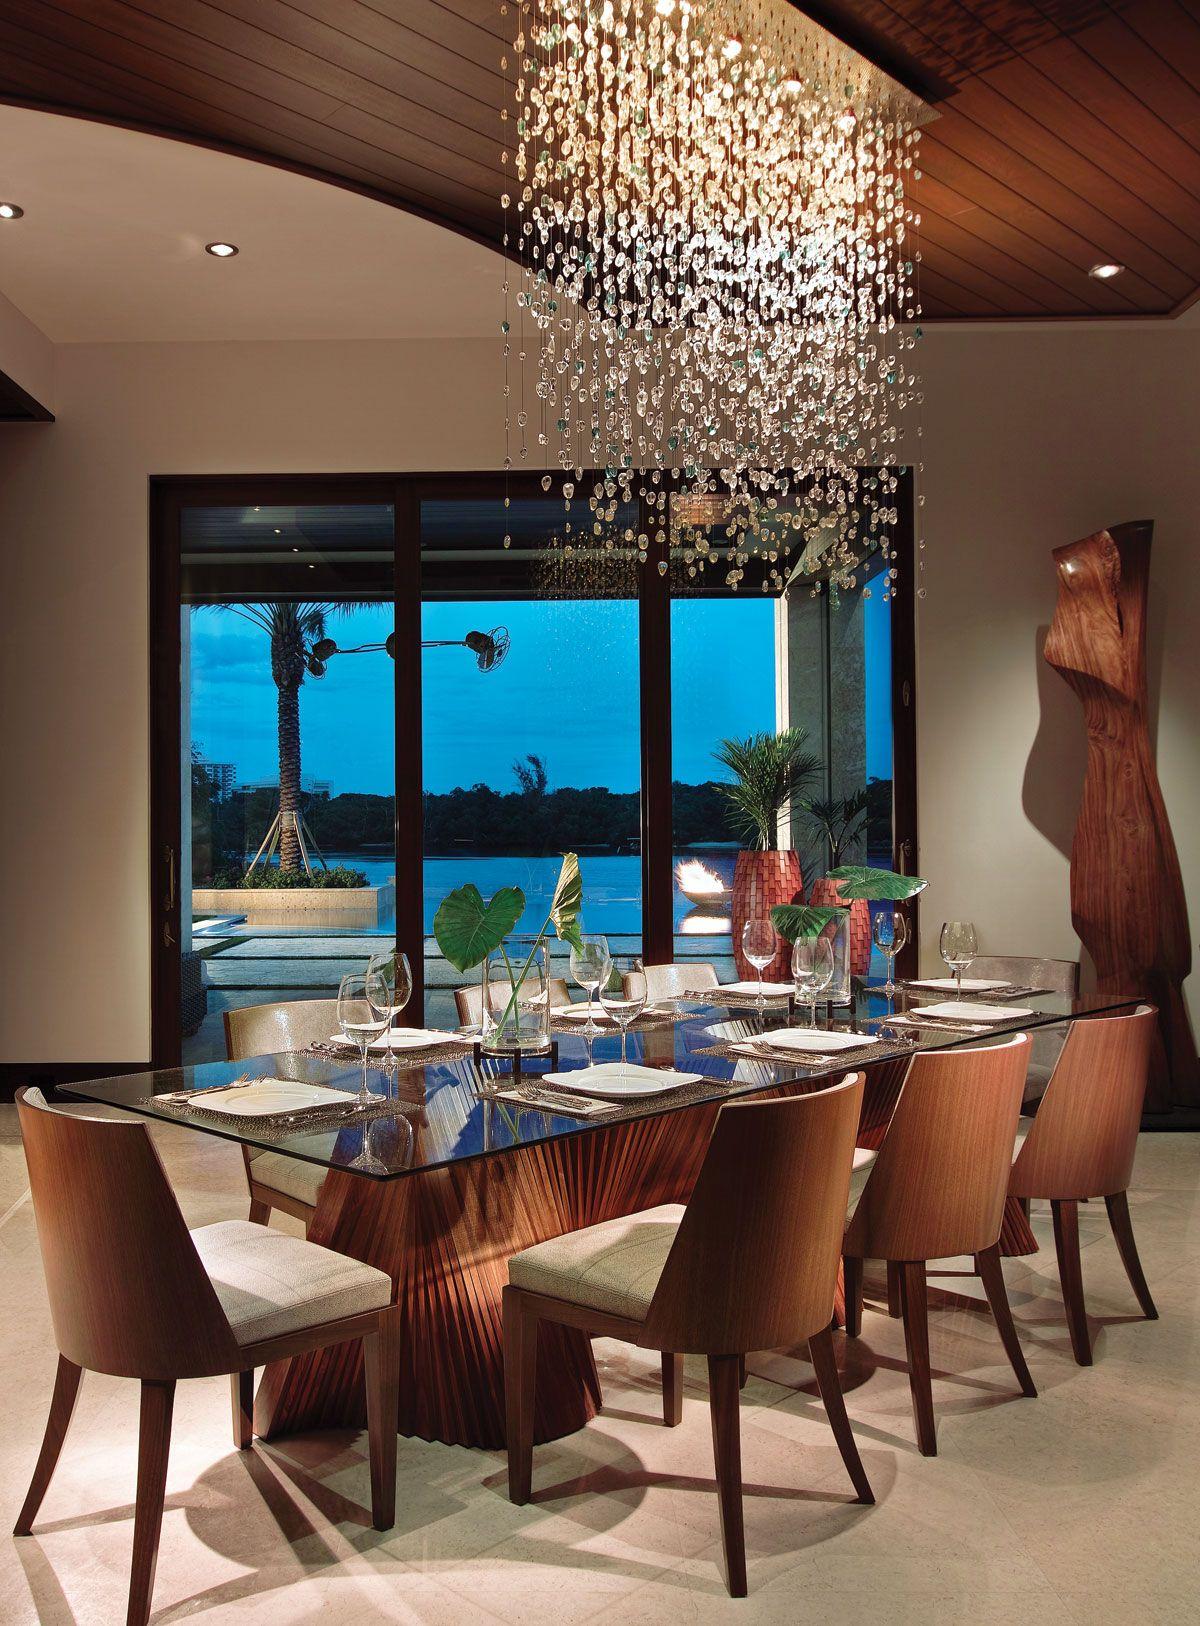 Splendid Integration Tropical Dining Room Dining Room Contemporary Dining Room Design Modern